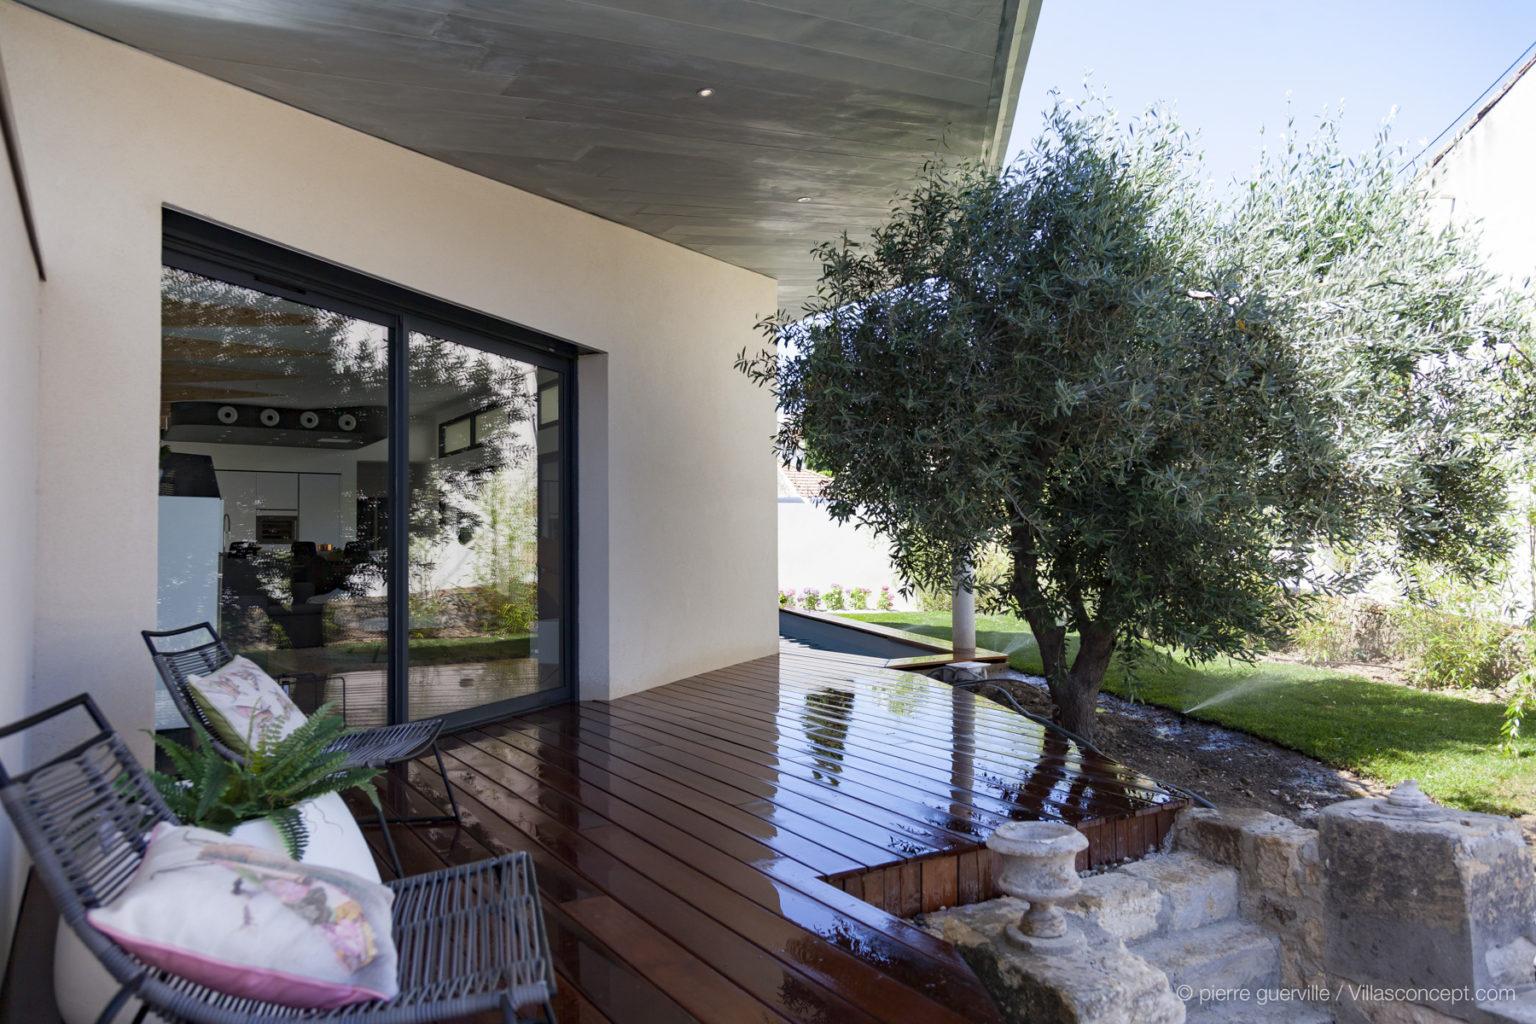 Villa-contemporaine-Nostra-Salon-de-provence-8665